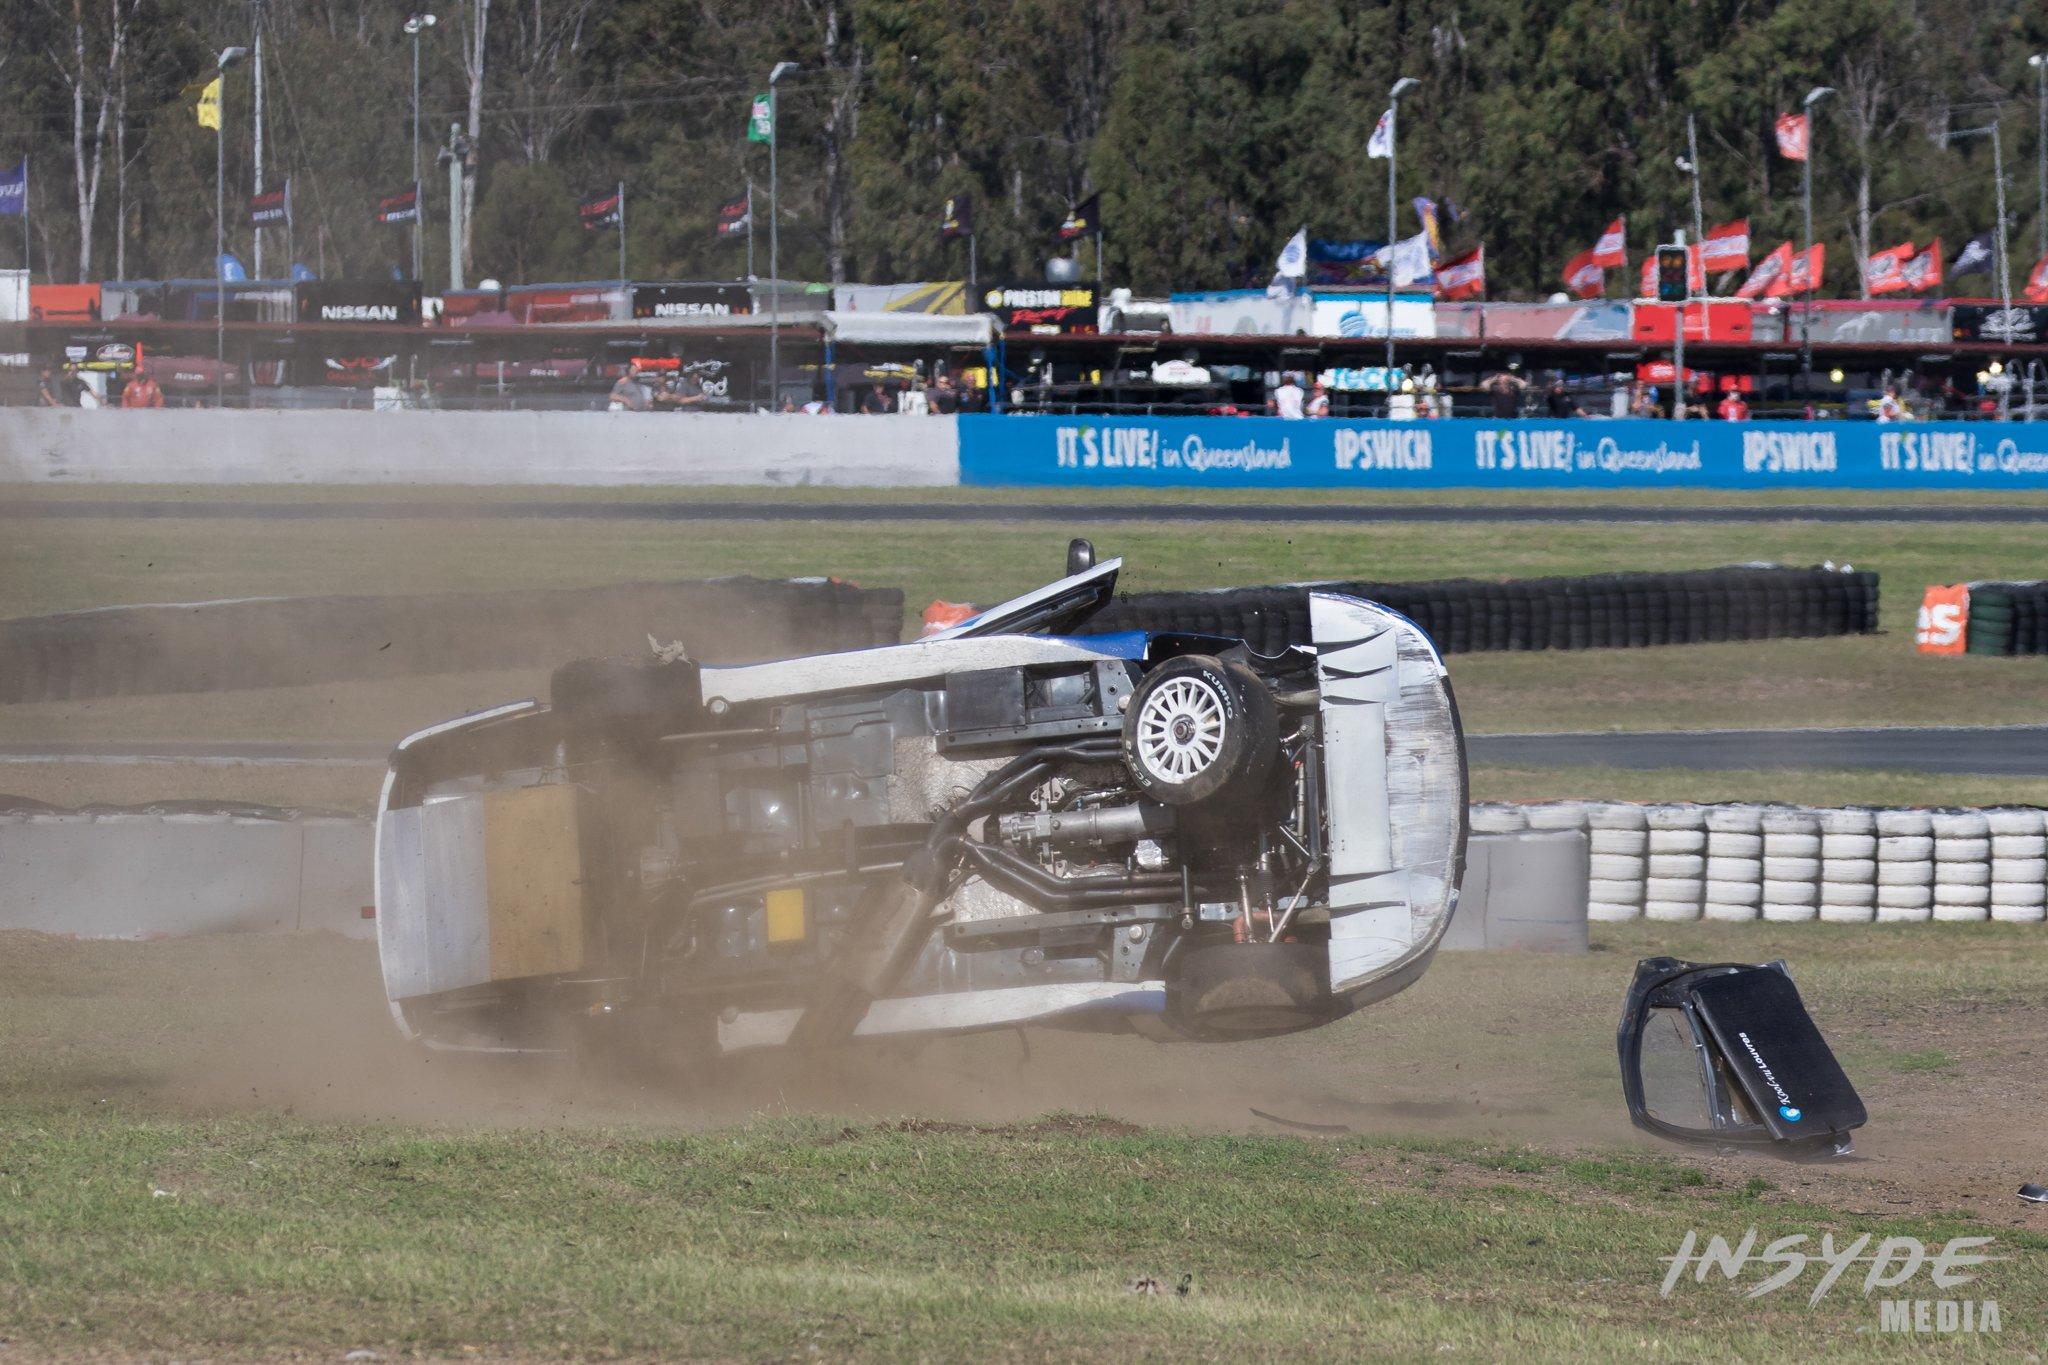 Motorsport-VASC-InSydeMedia-025